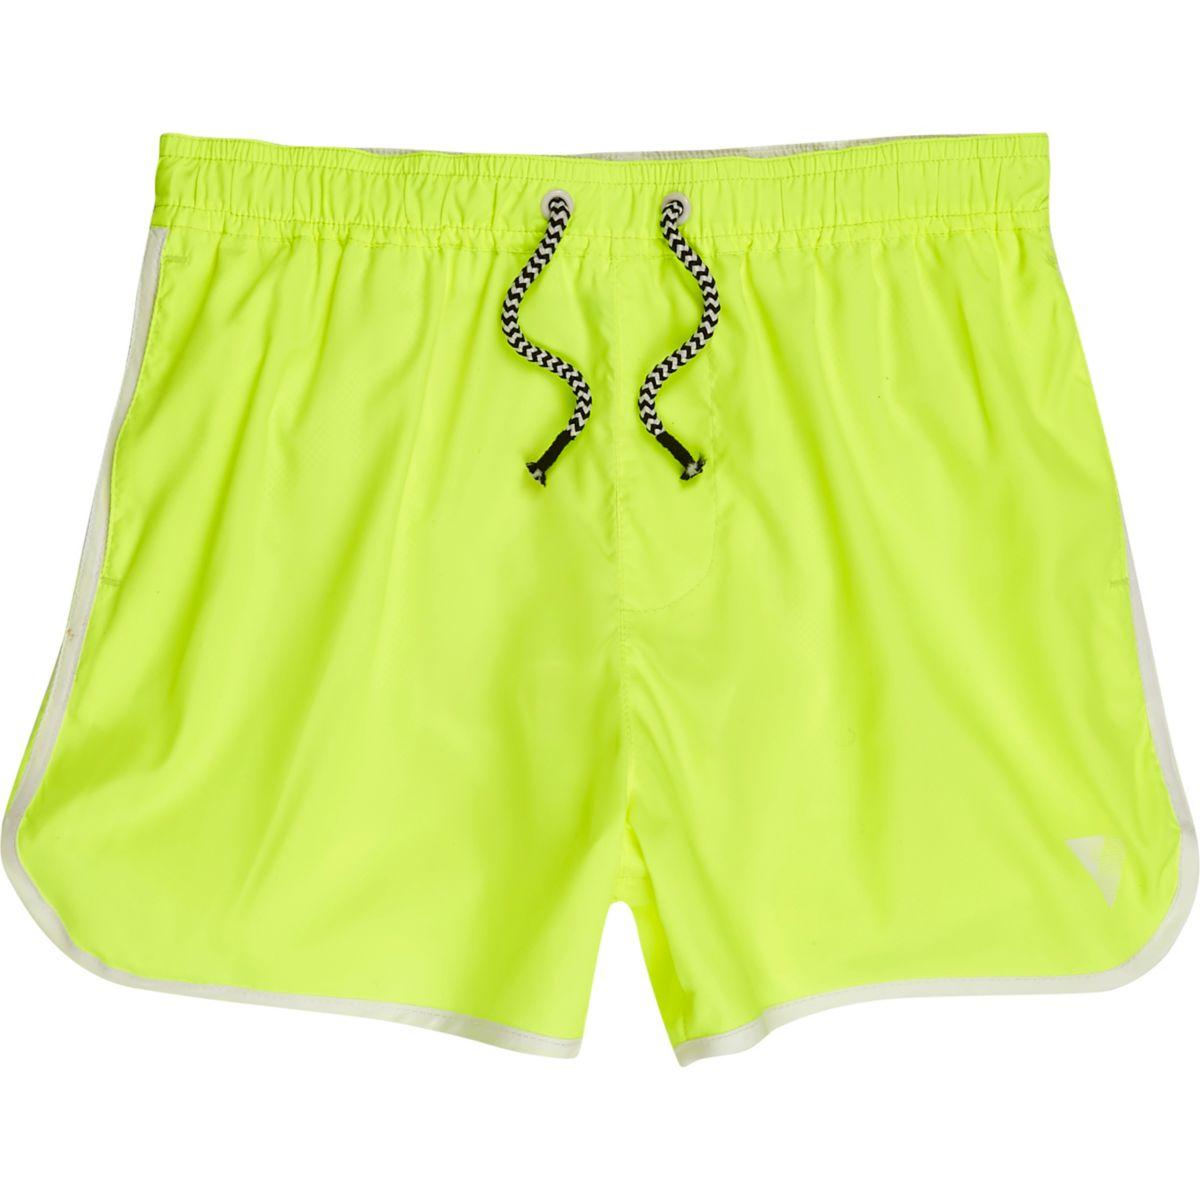 Boys fluro yellow runner swim shorts